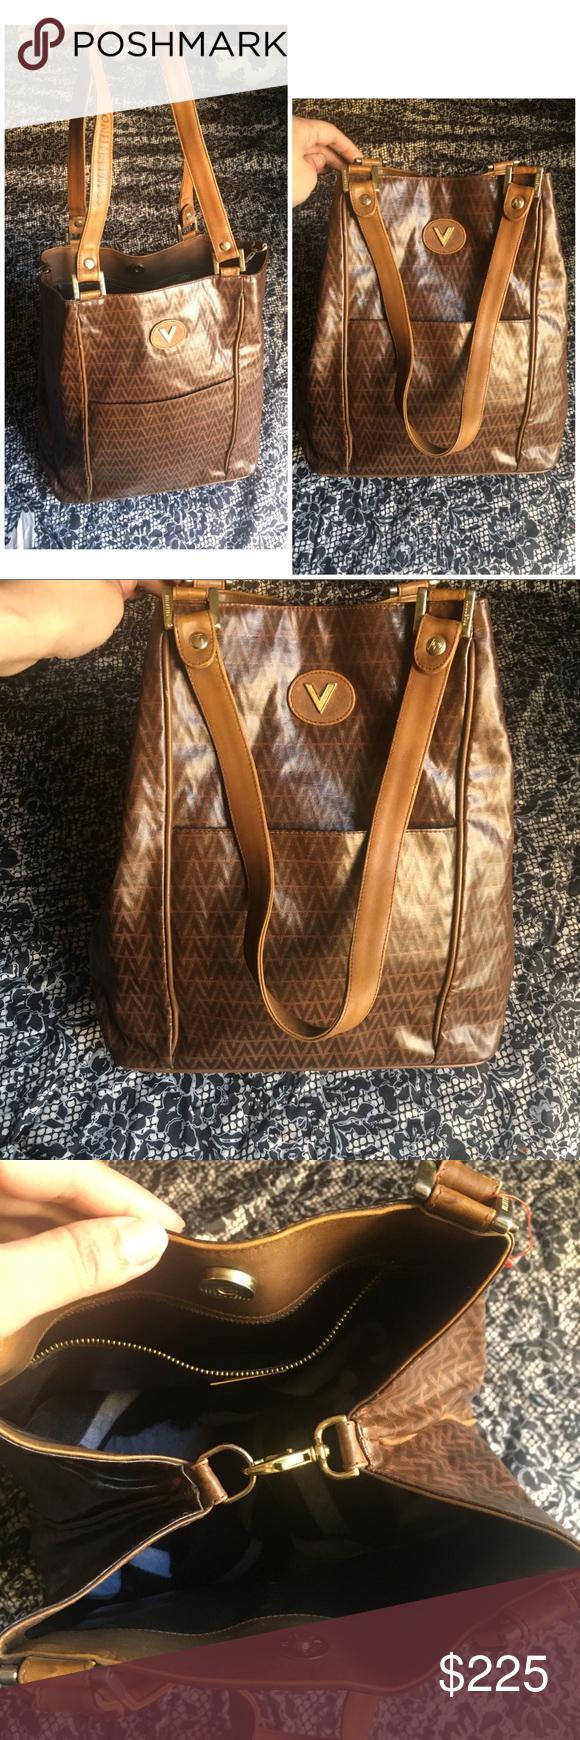 Mario Valentino Vintage Bag Mario Valentino Mario Valentino Bags Valentino